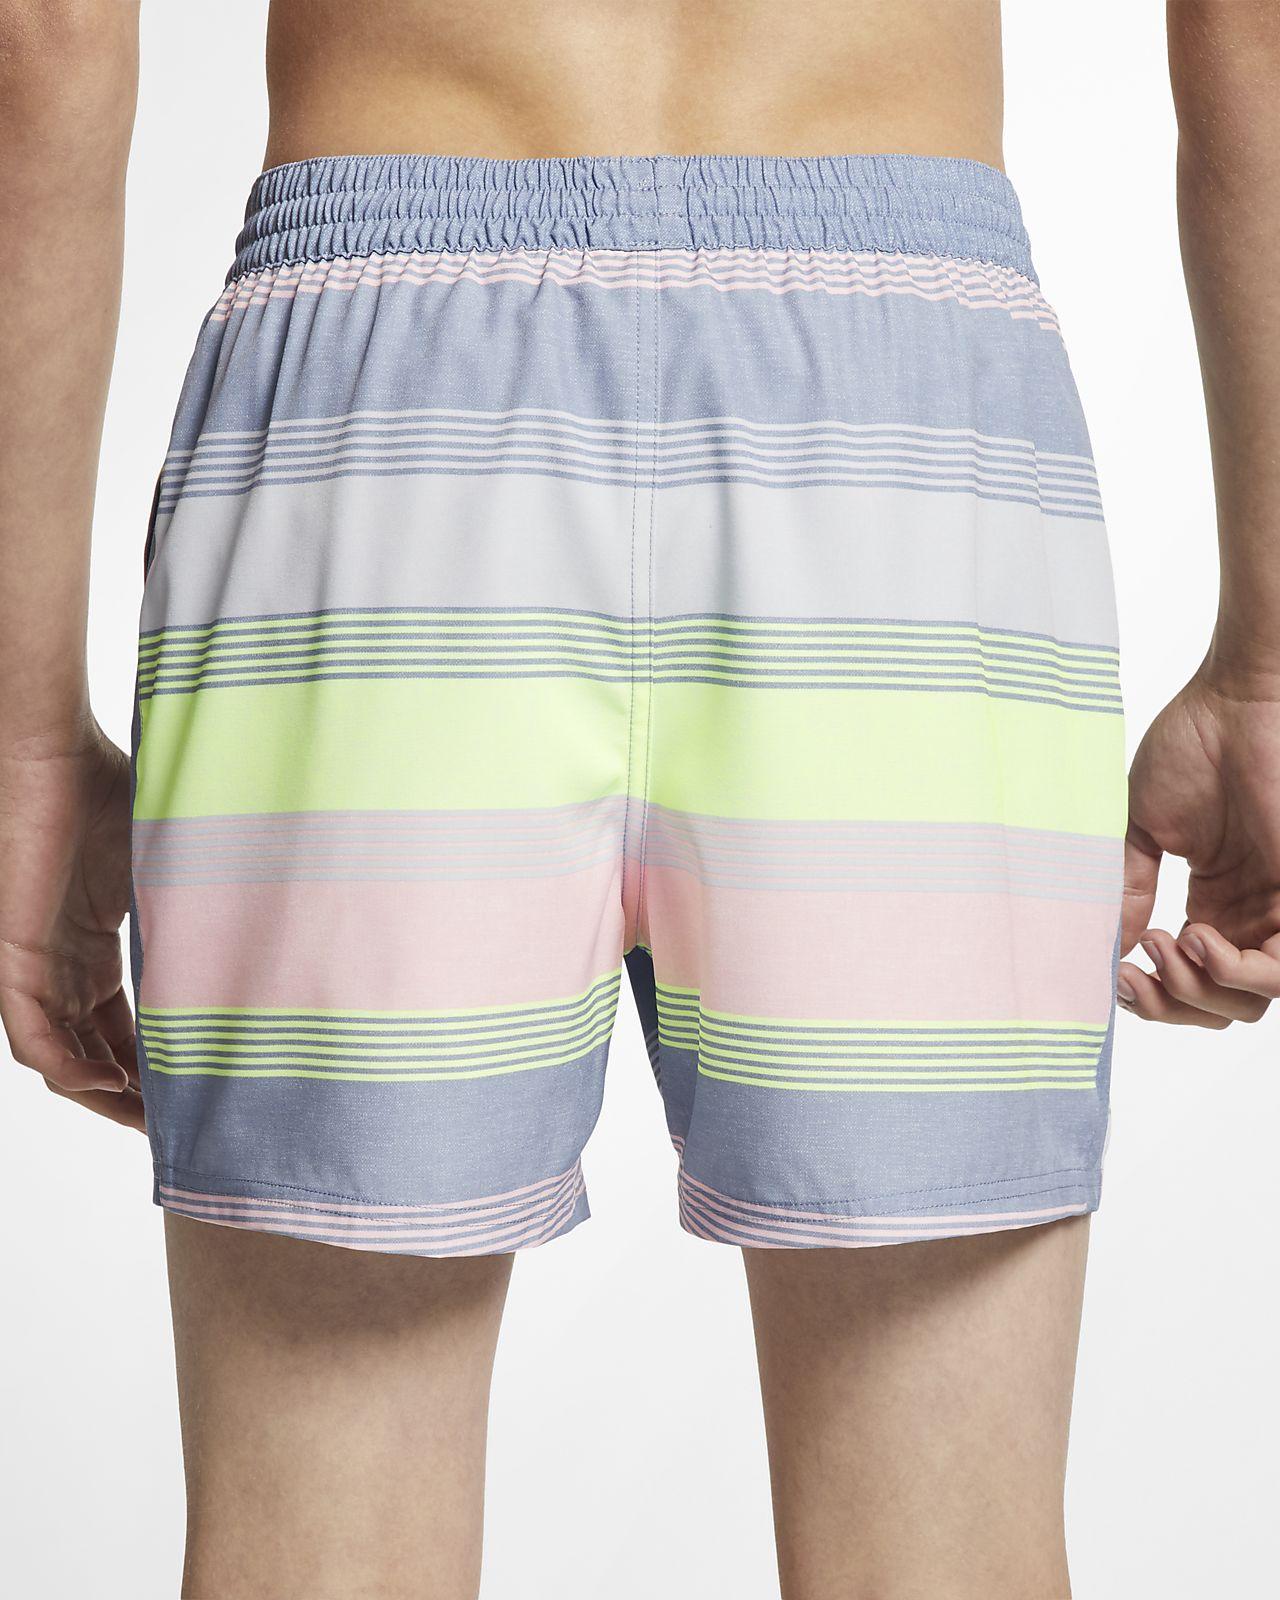 dec5f0c89 Nike Linen Racer Bañador de 13 cm - Hombre. Nike.com ES